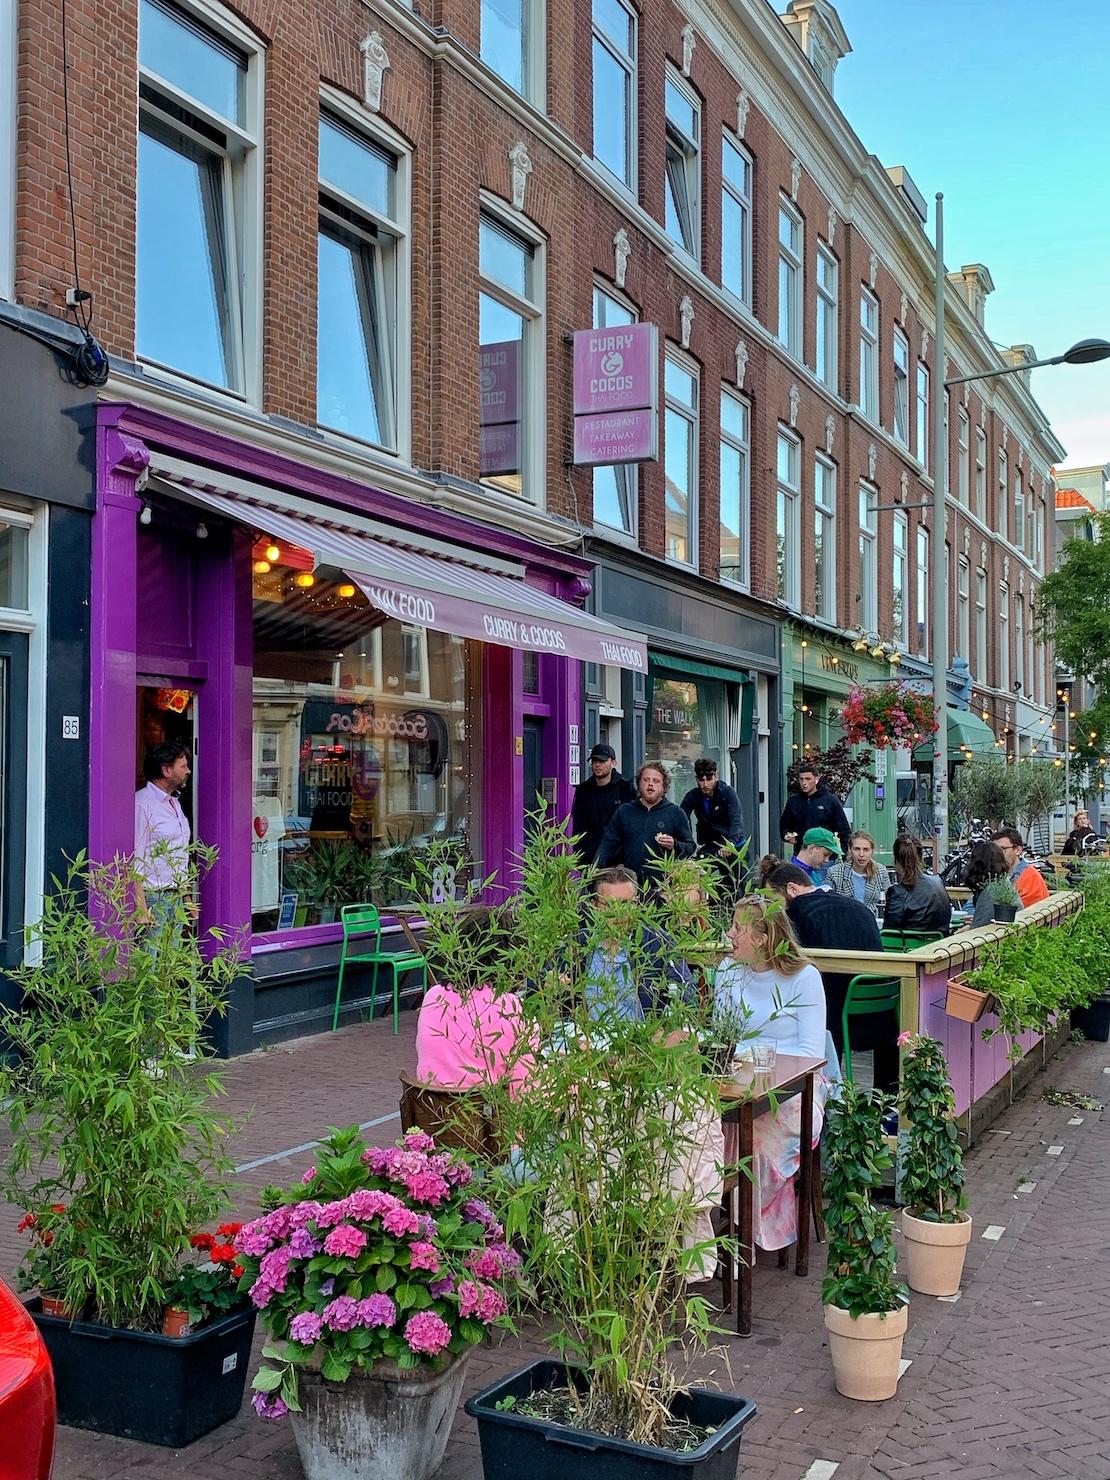 Het Zeeheldenkwartier in Den Haag is een van de leukste wijken van de stad. Gevuld met leukewinkels, galeries, musea, cafés en is de plek waar festivals, markten en andere leuke evenementen plaatsvinden.